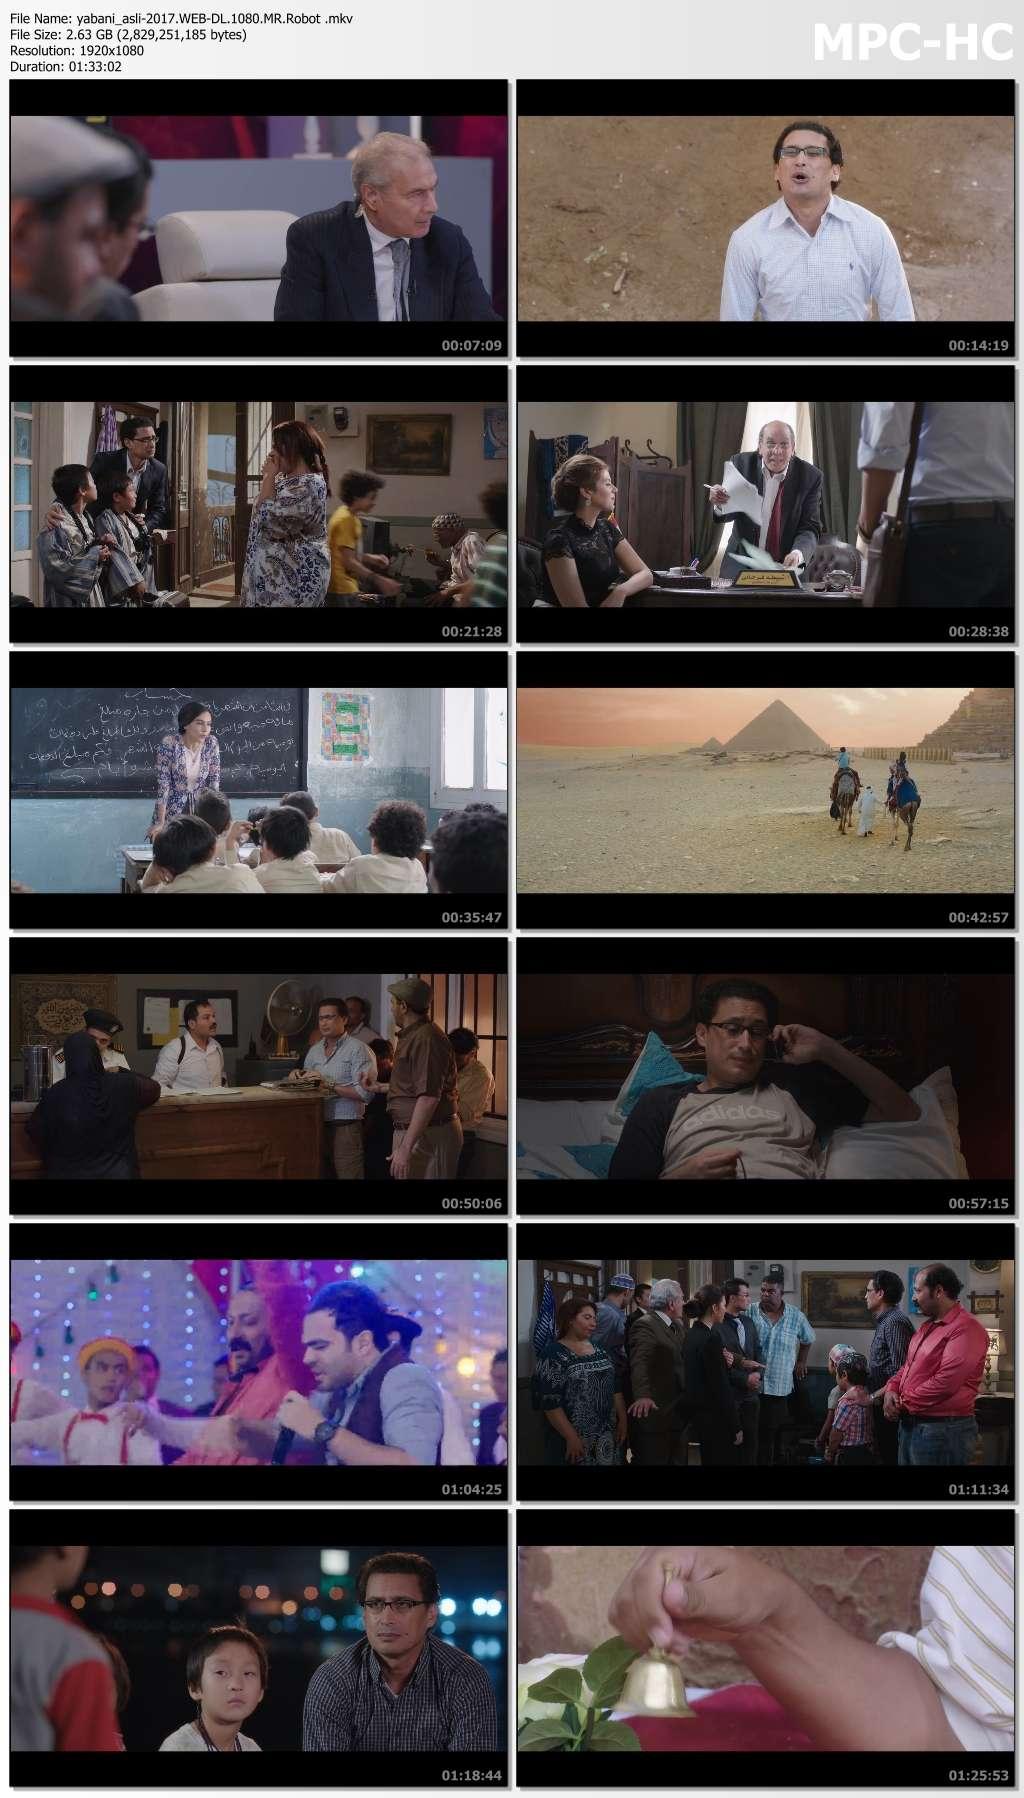 [فيلم][تورنت][تحميل][ياباني أصلي][2017][1080p][Web-DL] 8 arabp2p.com